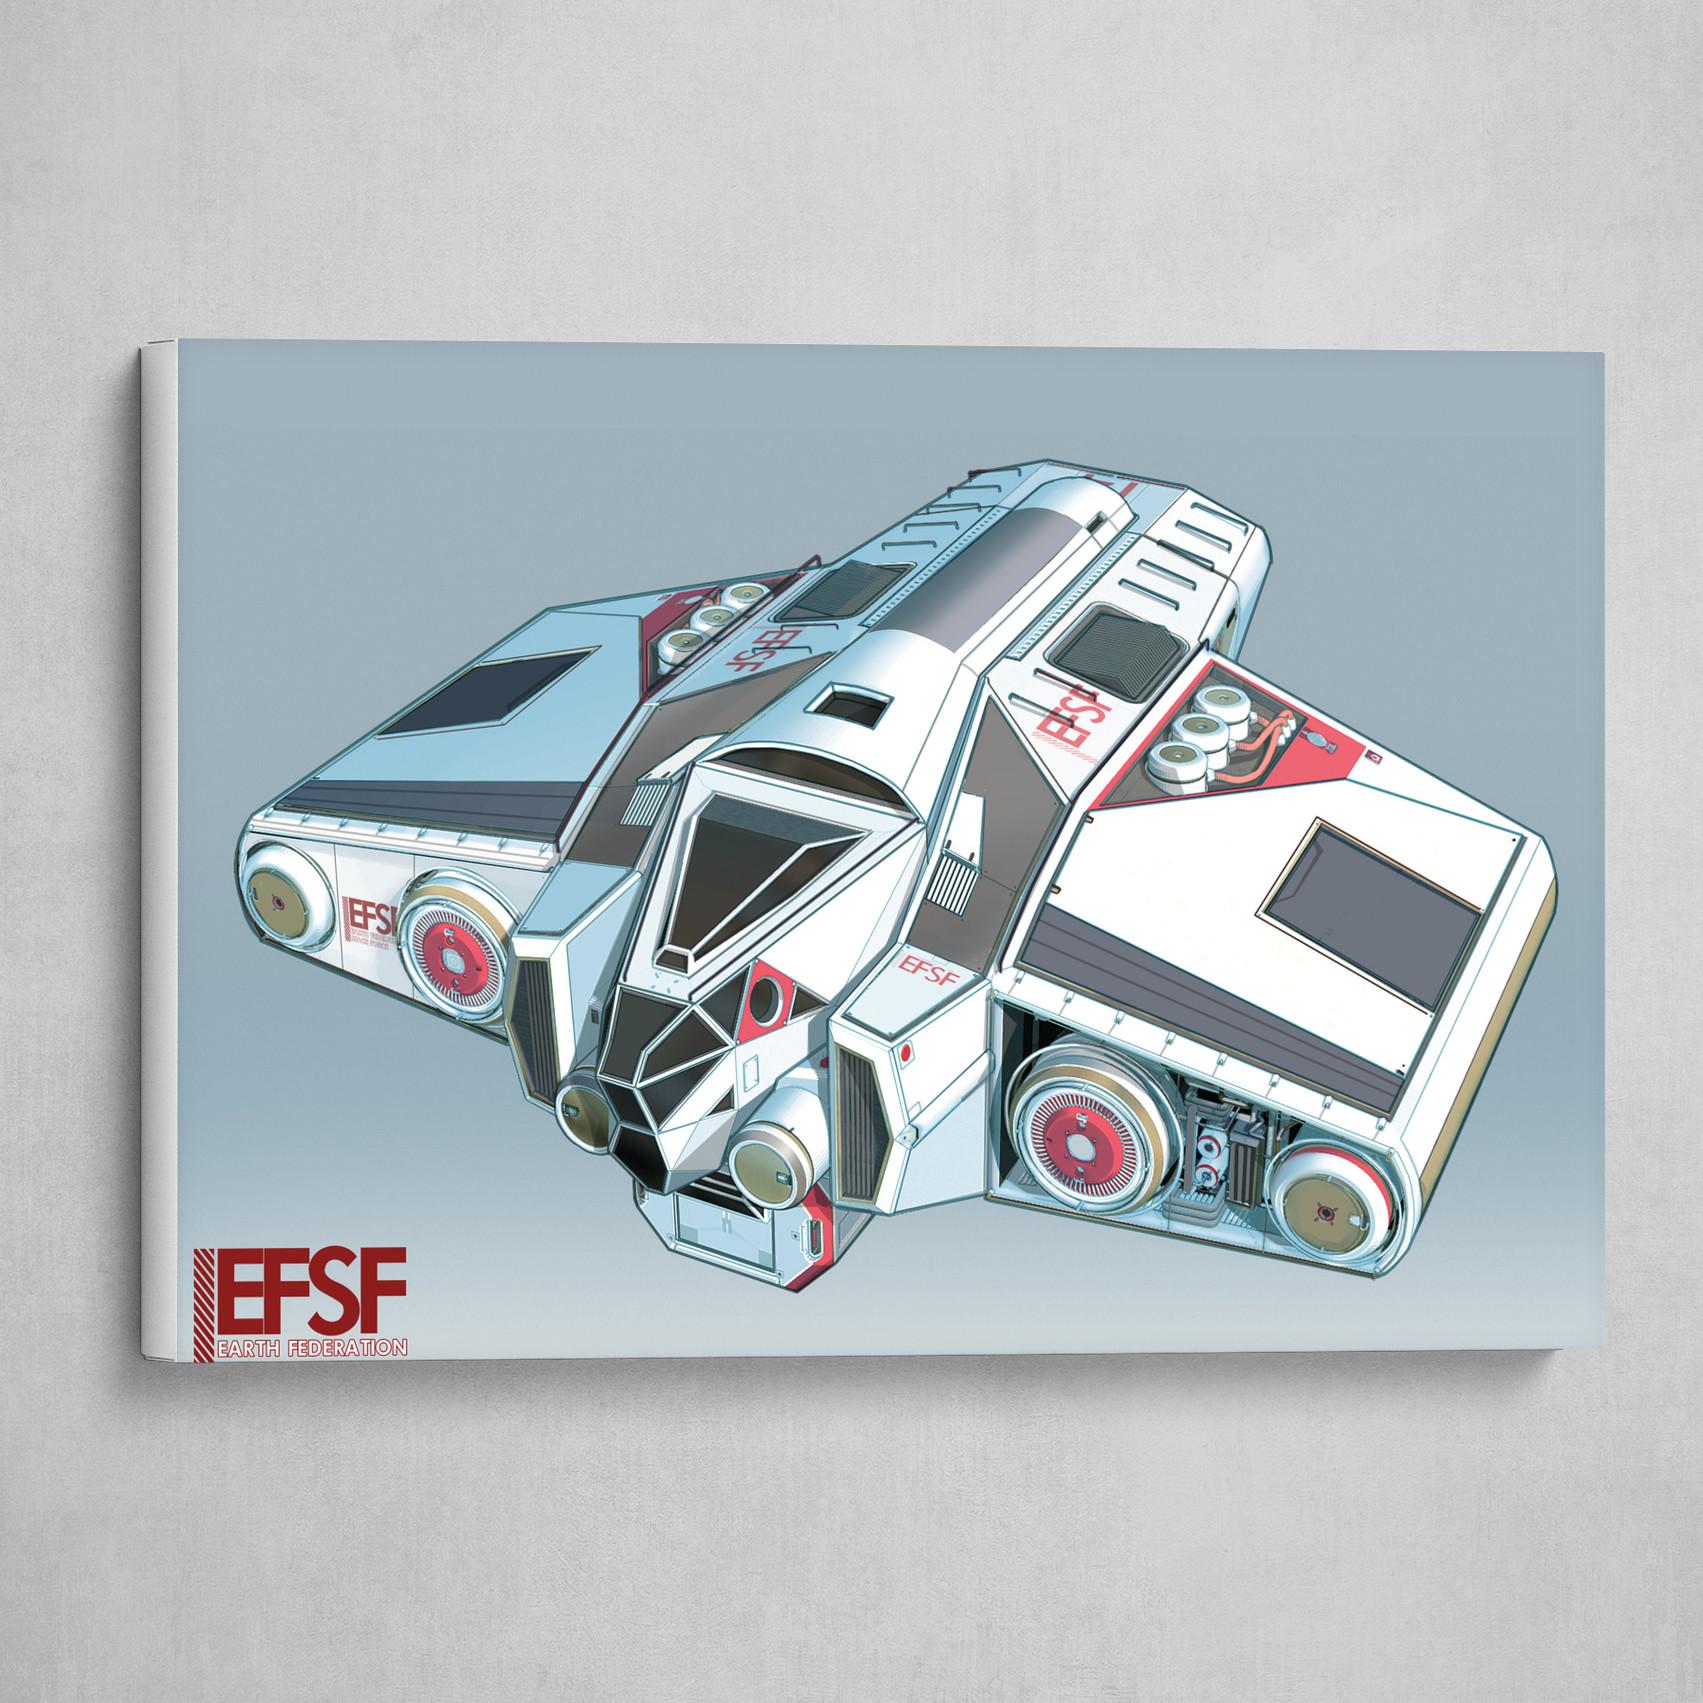 EFSF Spaceship